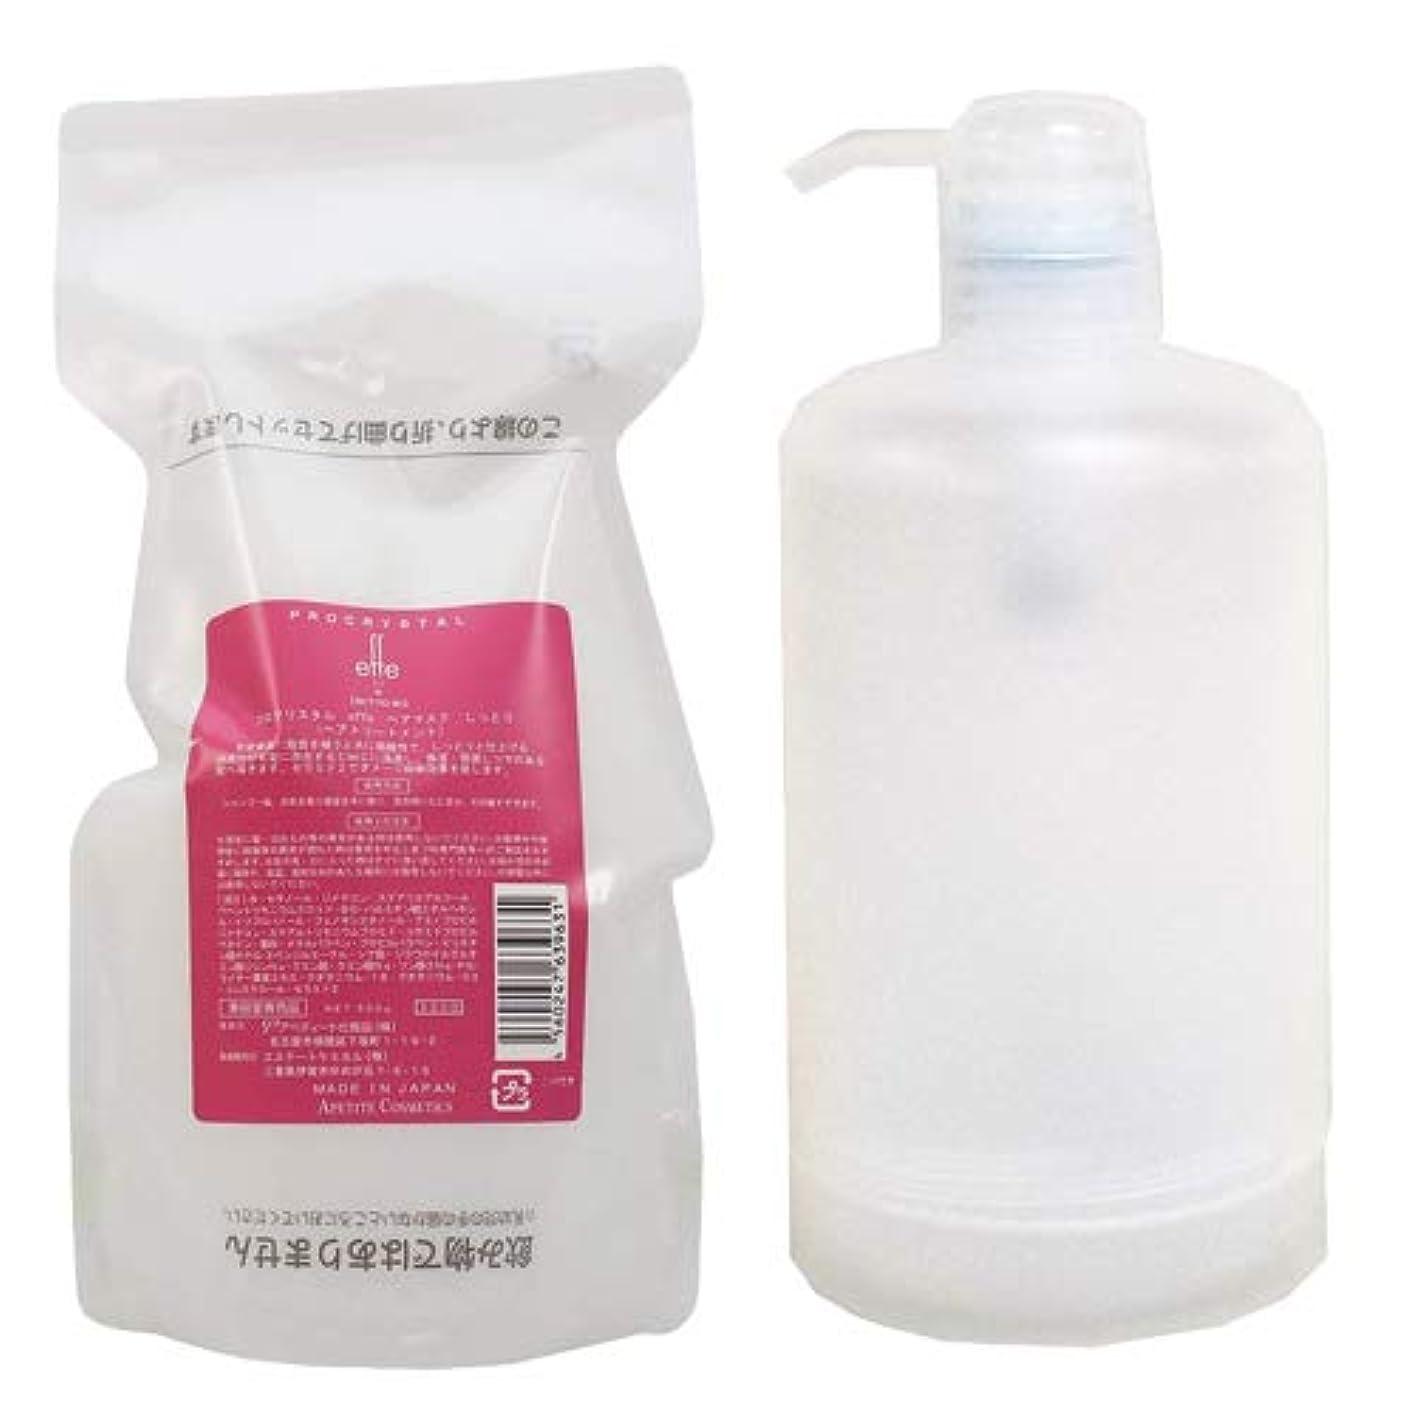 極めて重要な乳剤絞るアペティート プロクリスタル effe ヘアマスク 詰め替え 500g + 専用ポンプ しっとりセット